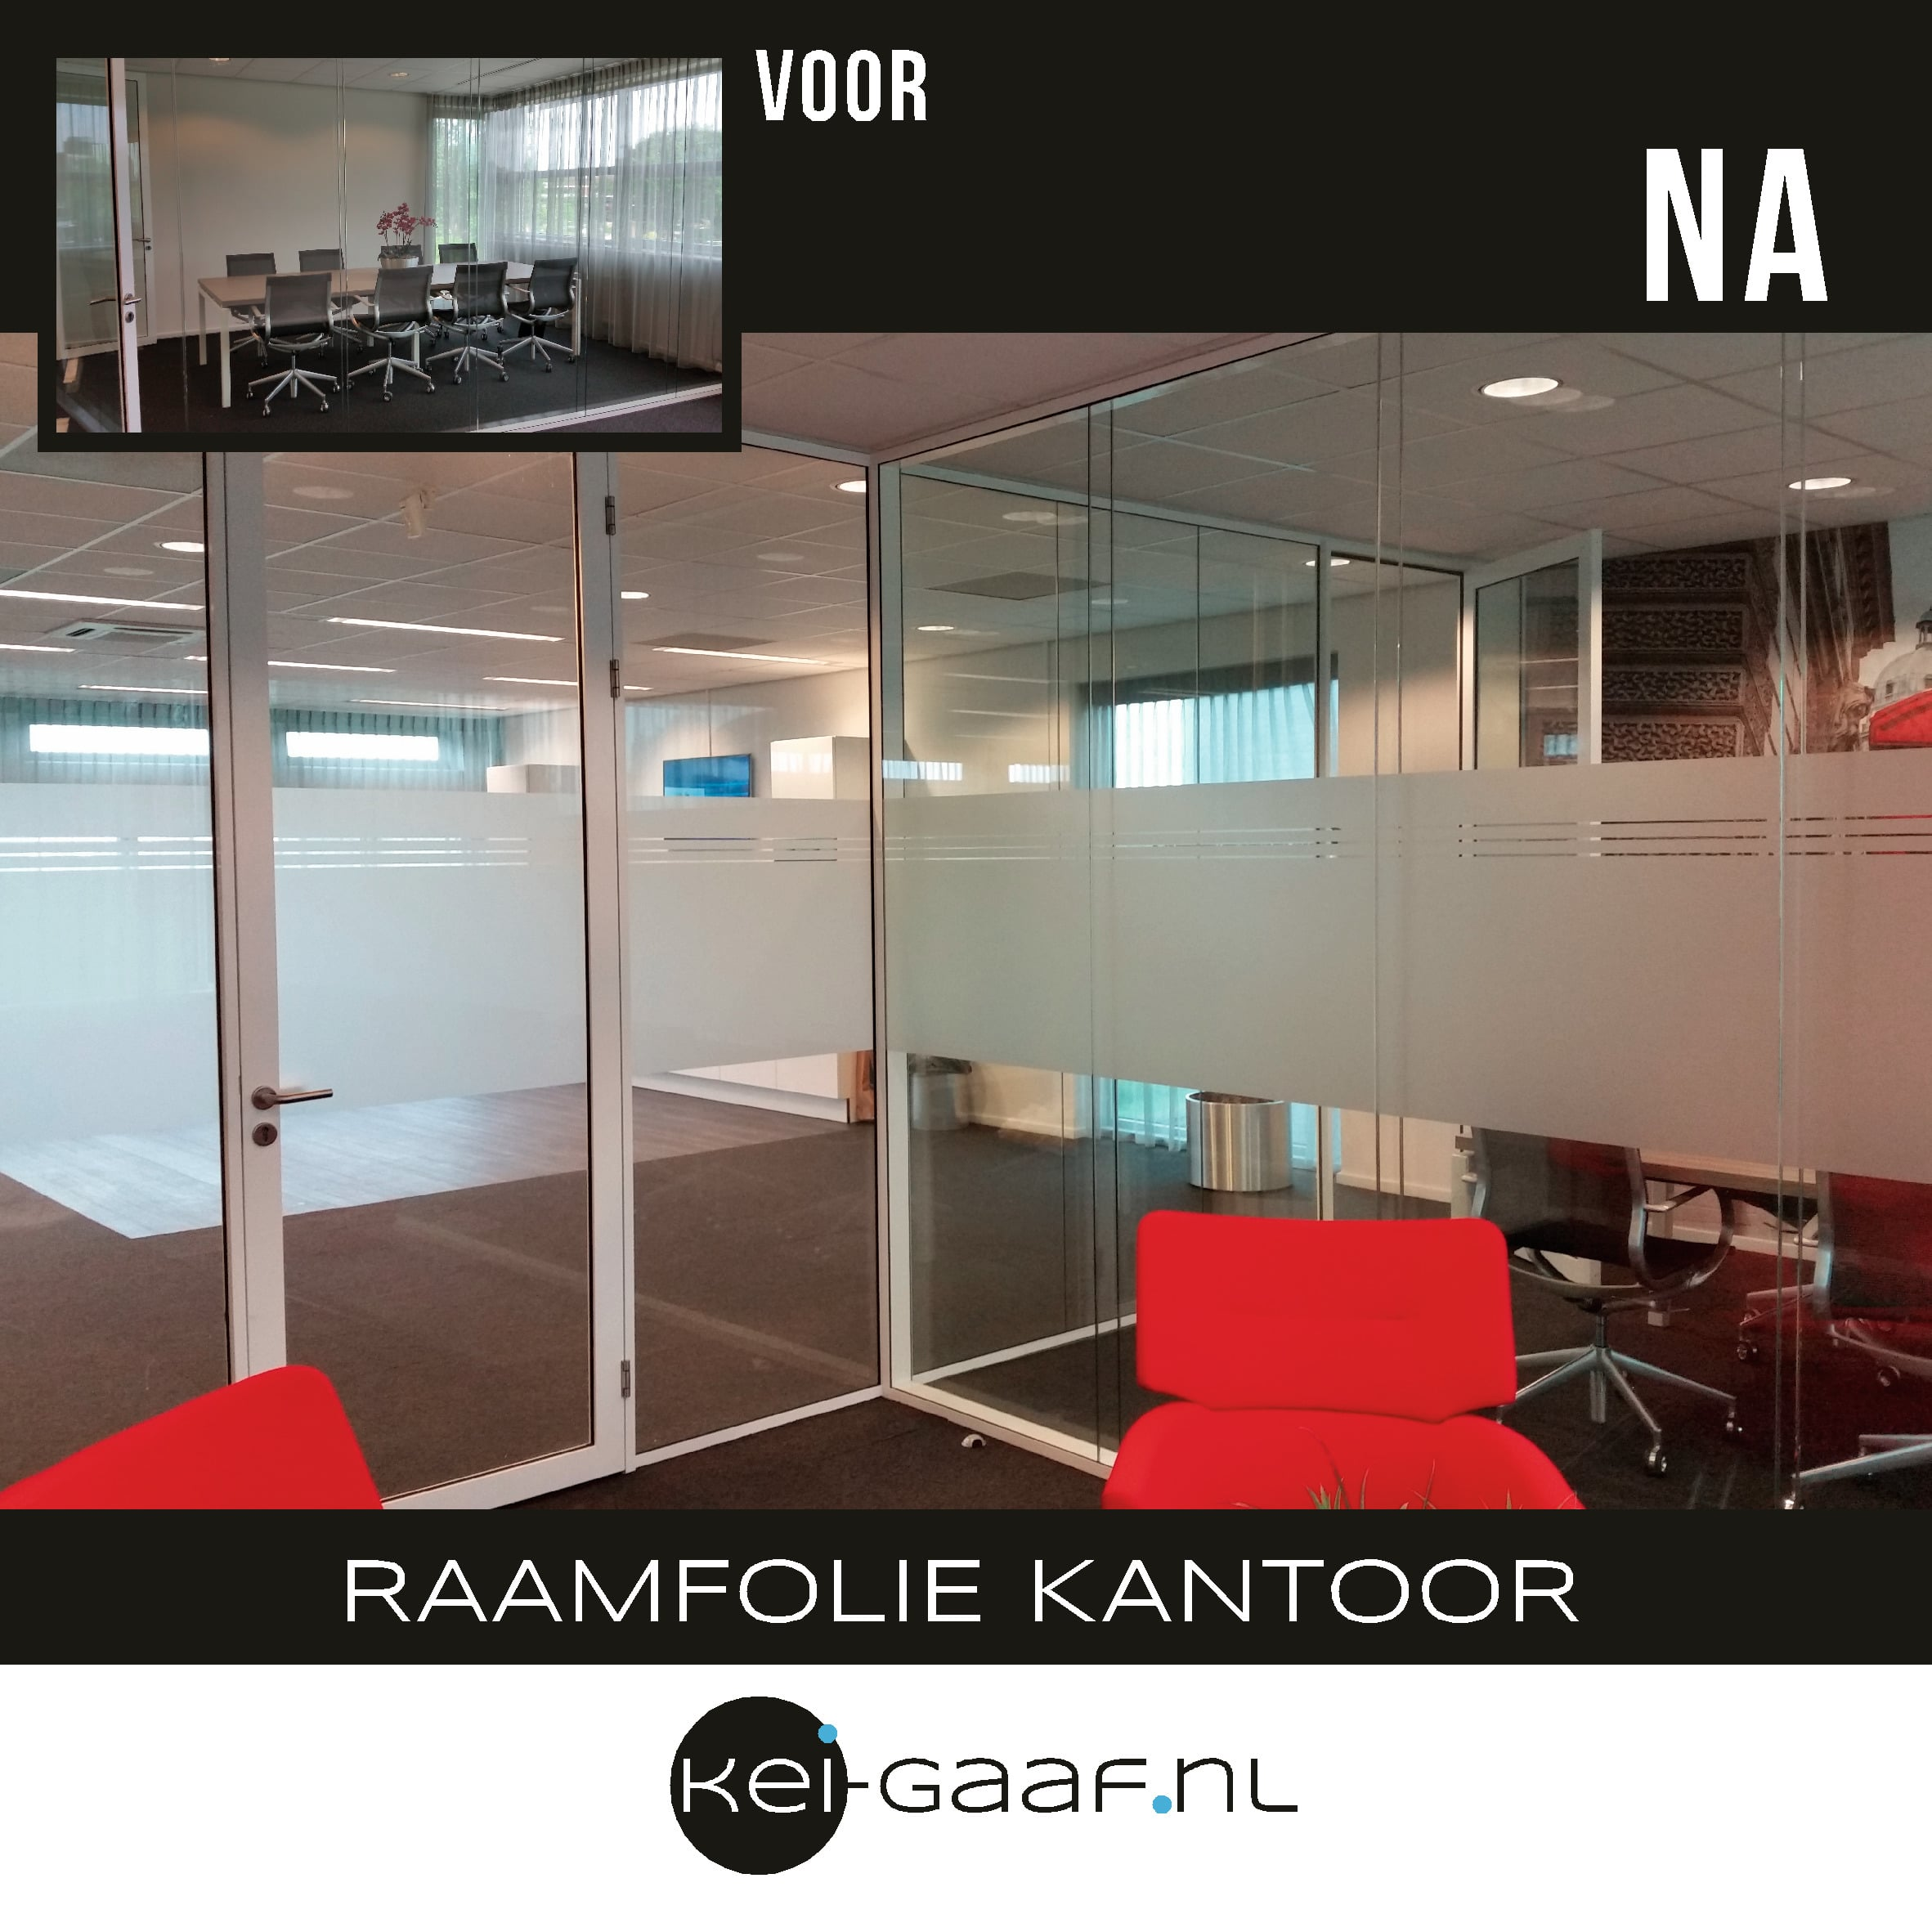 Raamfolie privacy kantoor